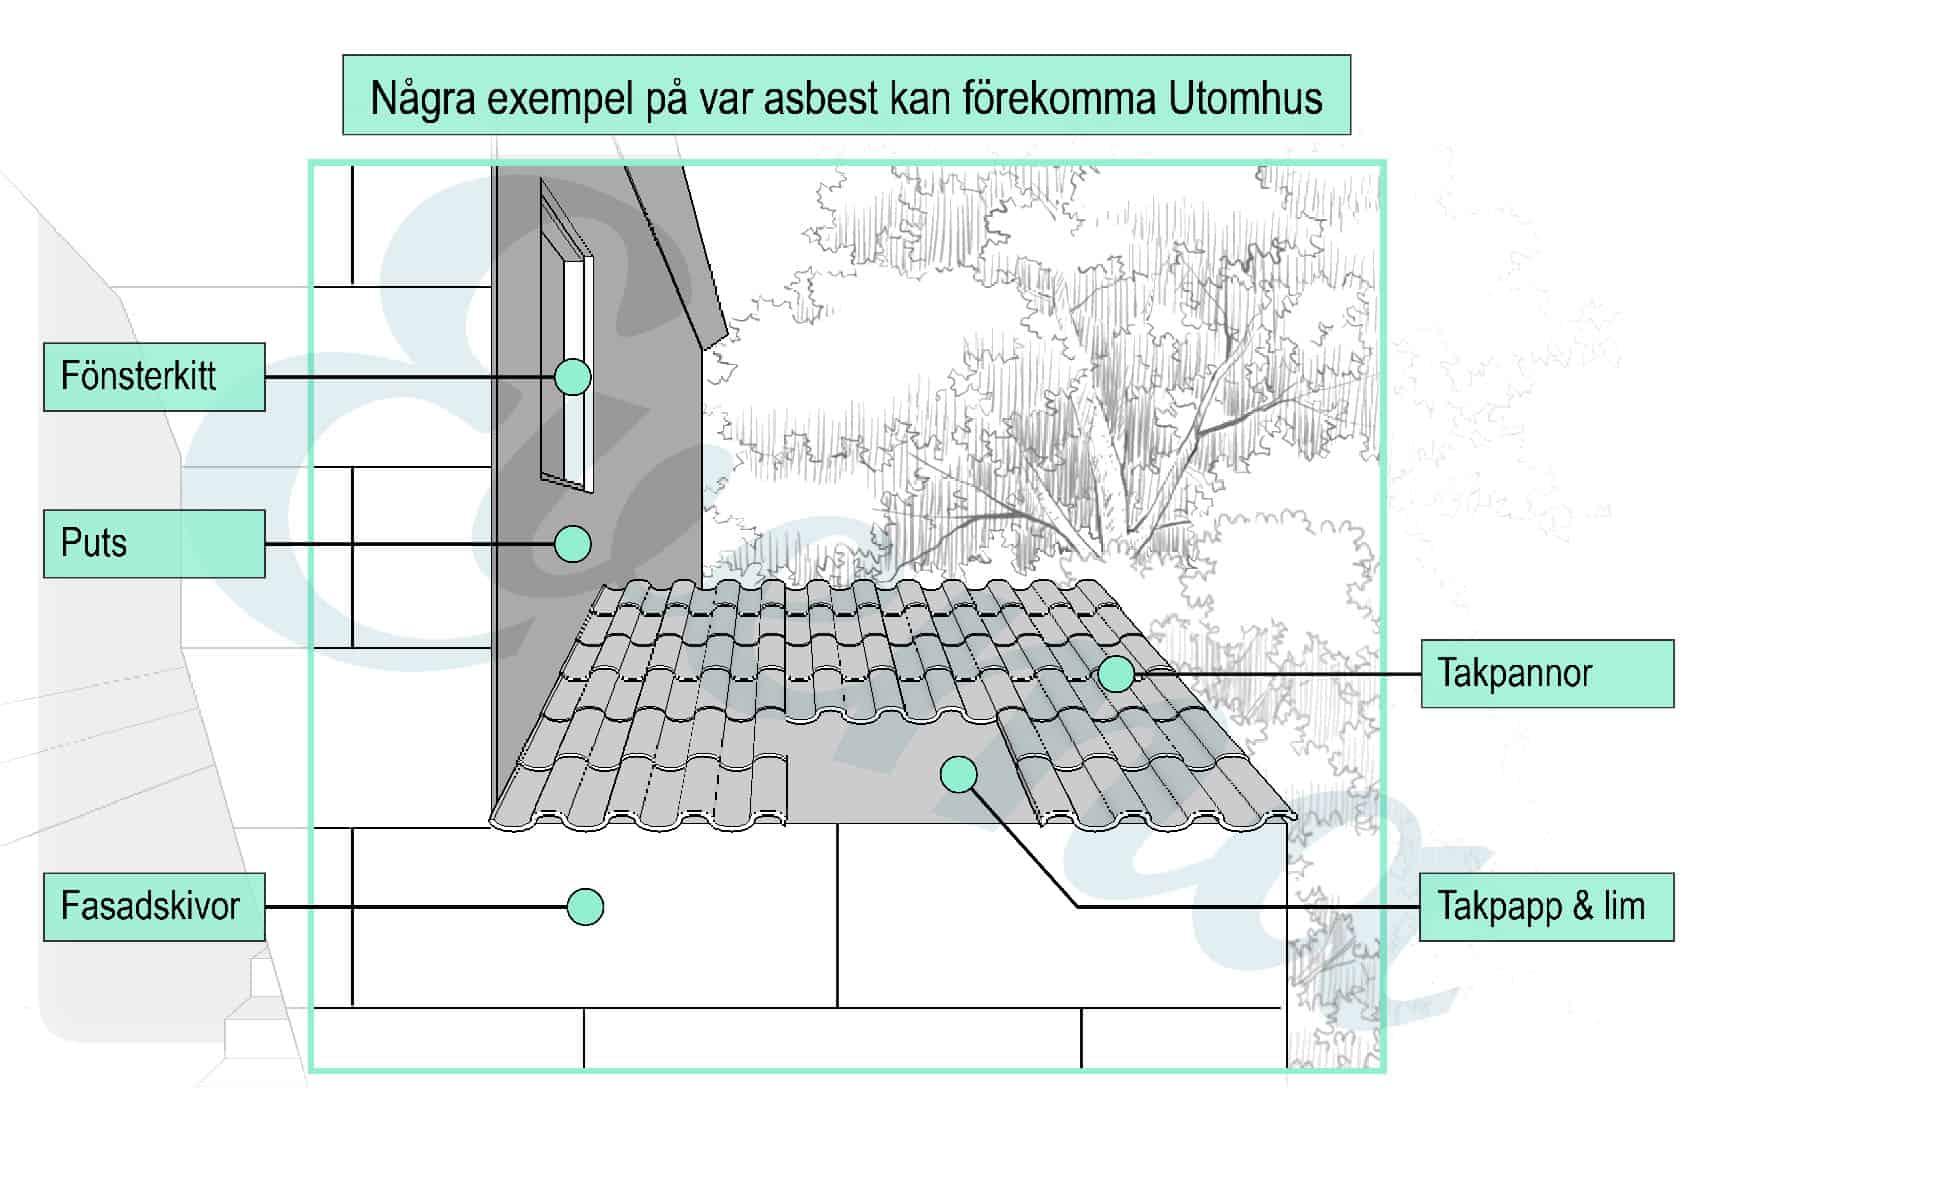 Grafisk bild som visar vart det kan finnas asbest på utsidan av ett hus